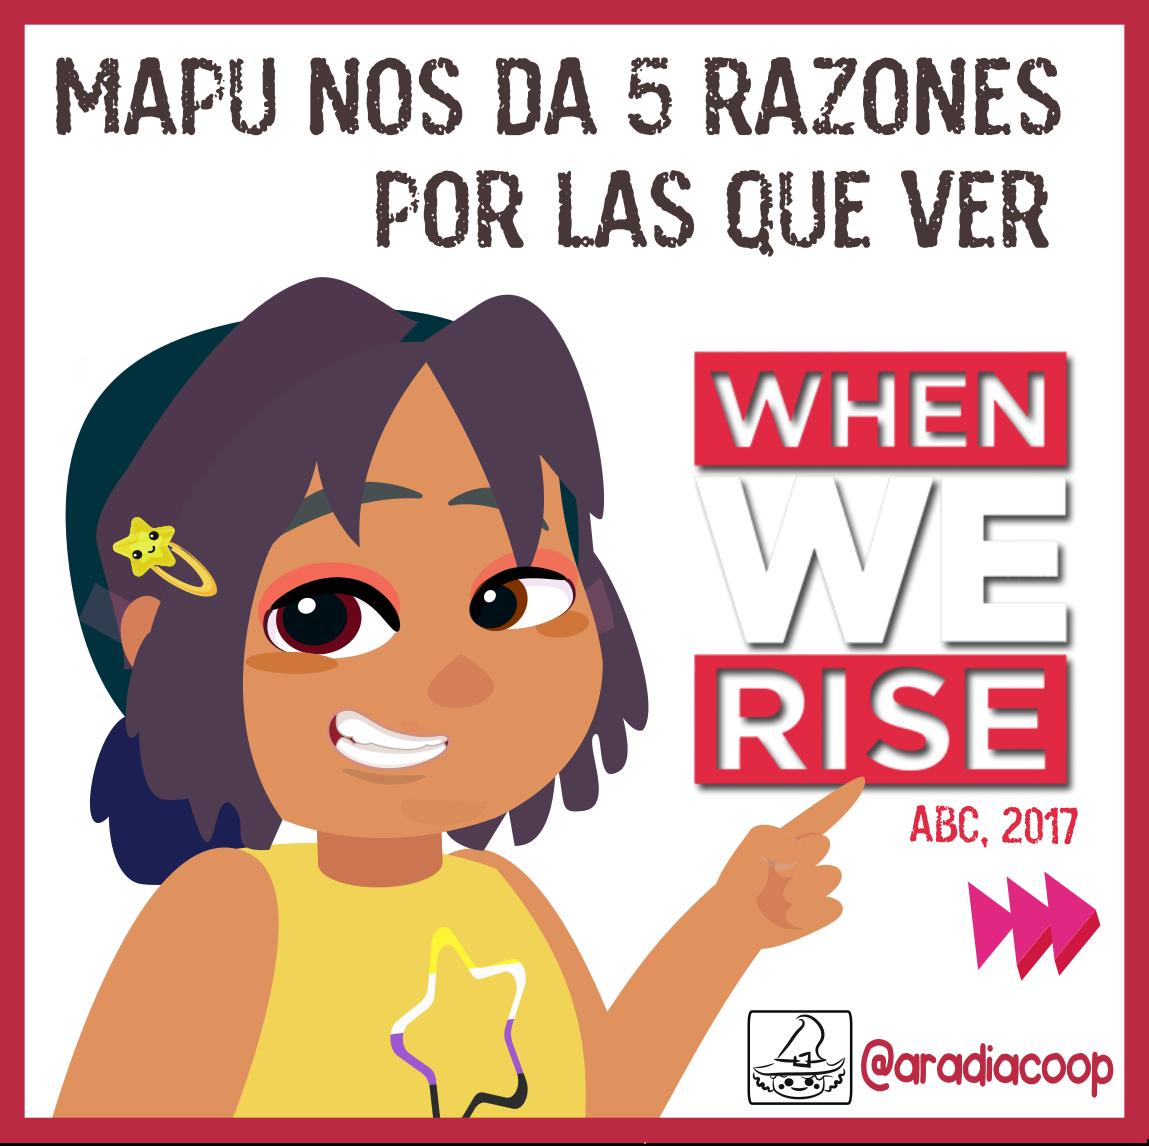 When we rise, una de nuestras Series de la resistencia